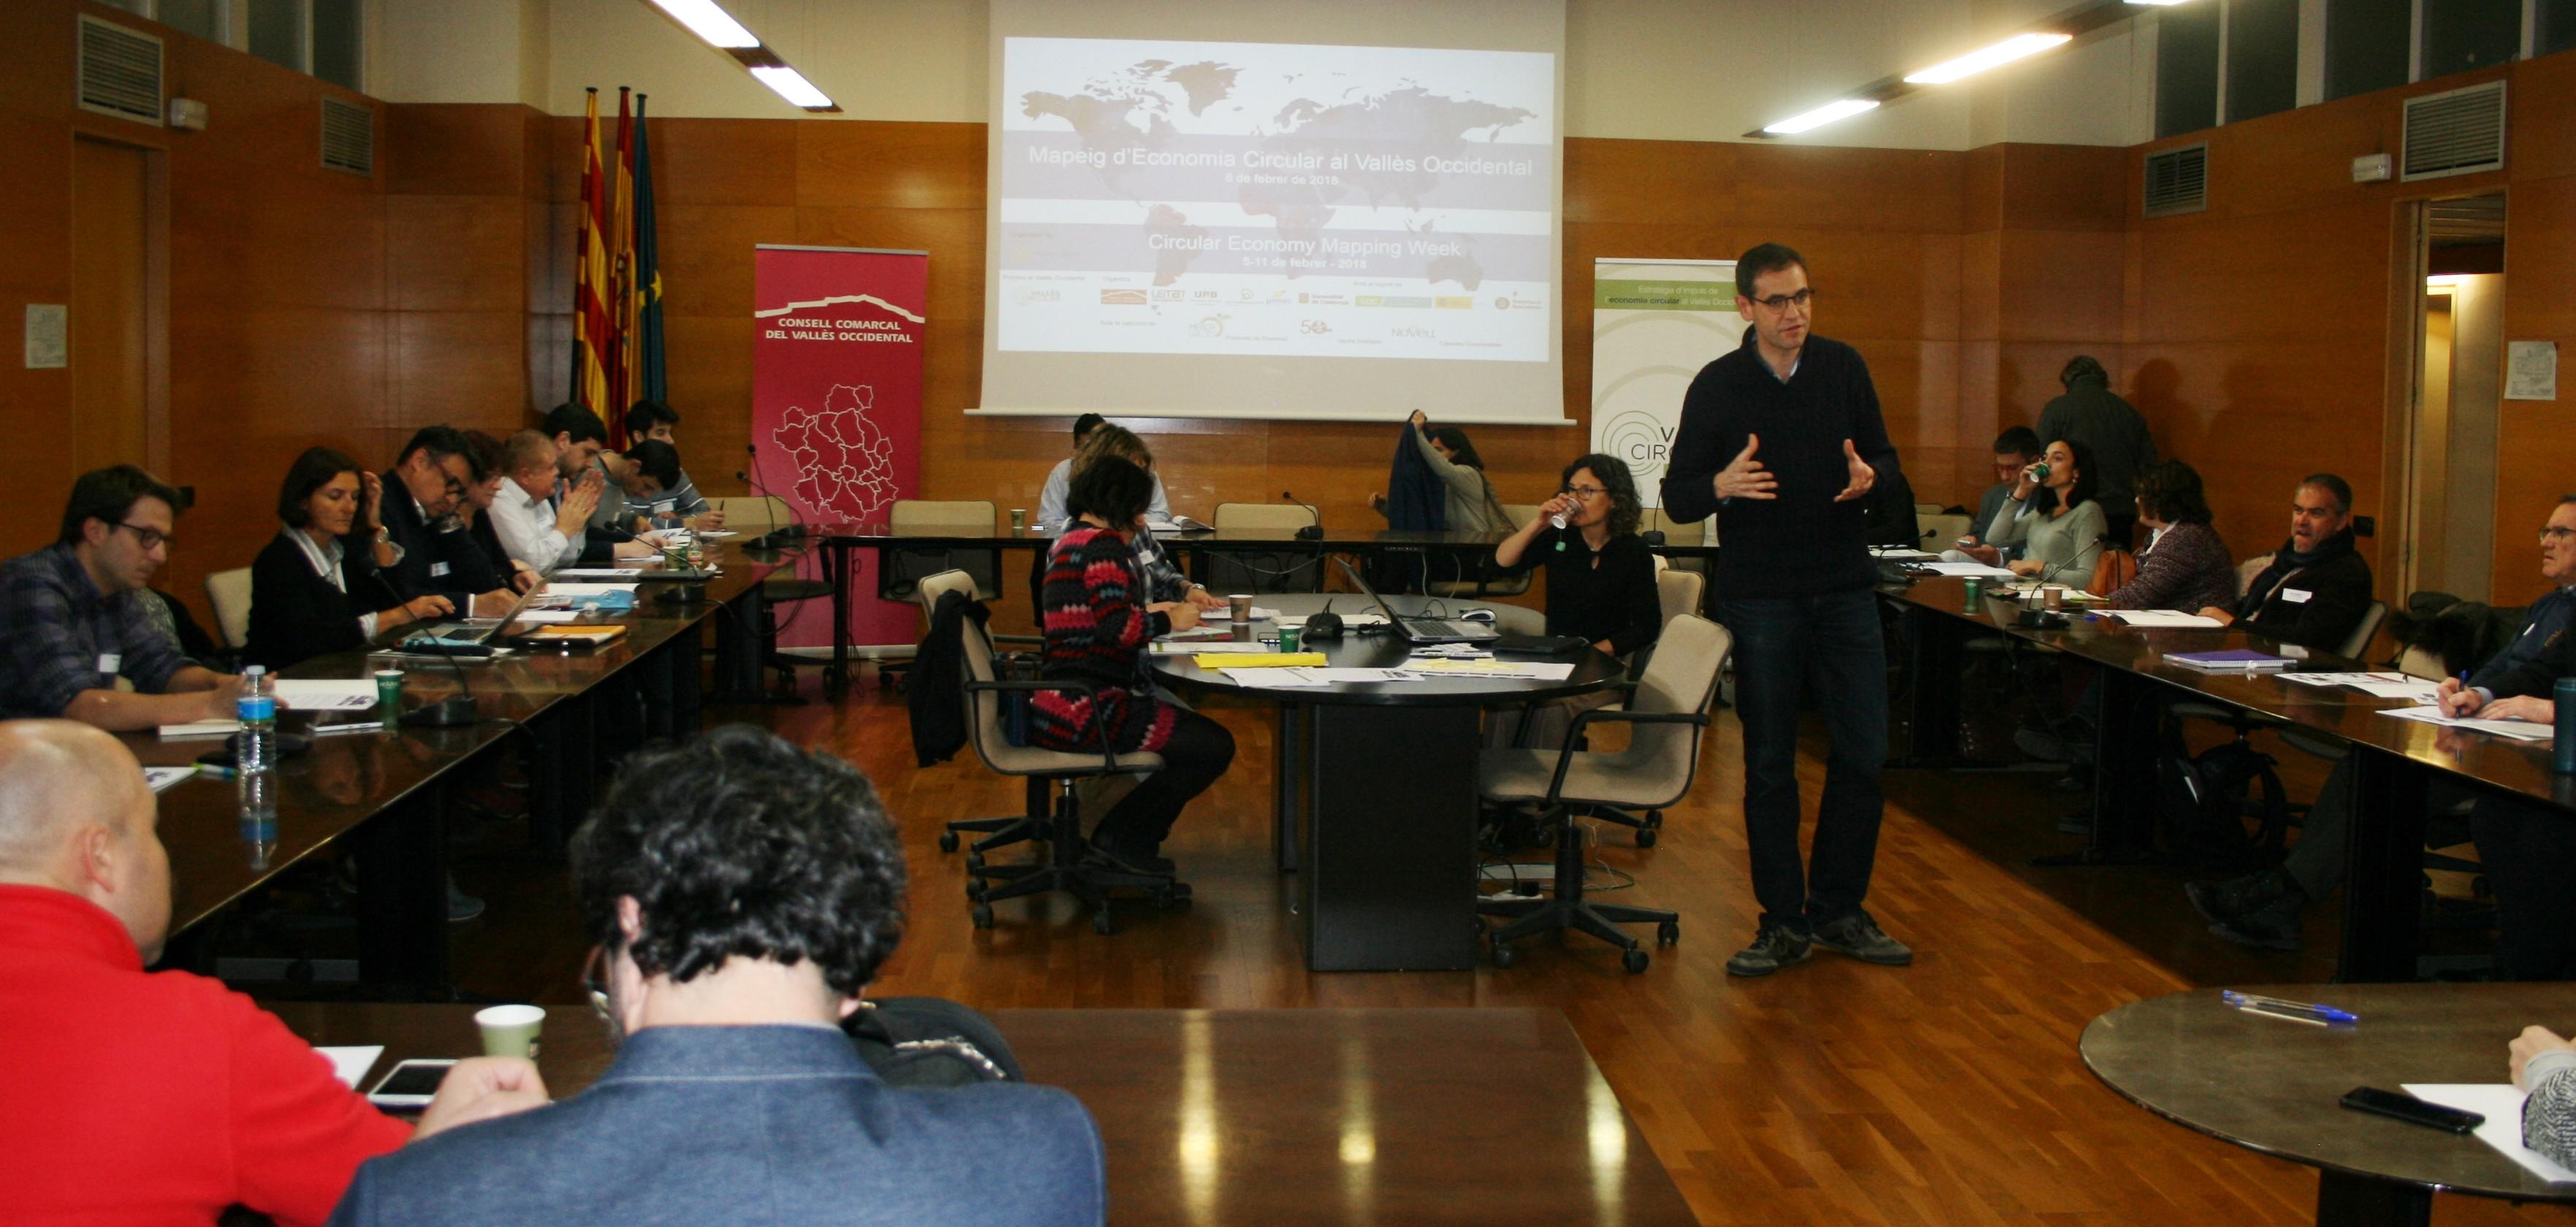 """Una cinquantena de persones participen en el """"Mapeig d'Economia Circular al Vallès Occidental"""" per compartir experiències d'economia circular"""